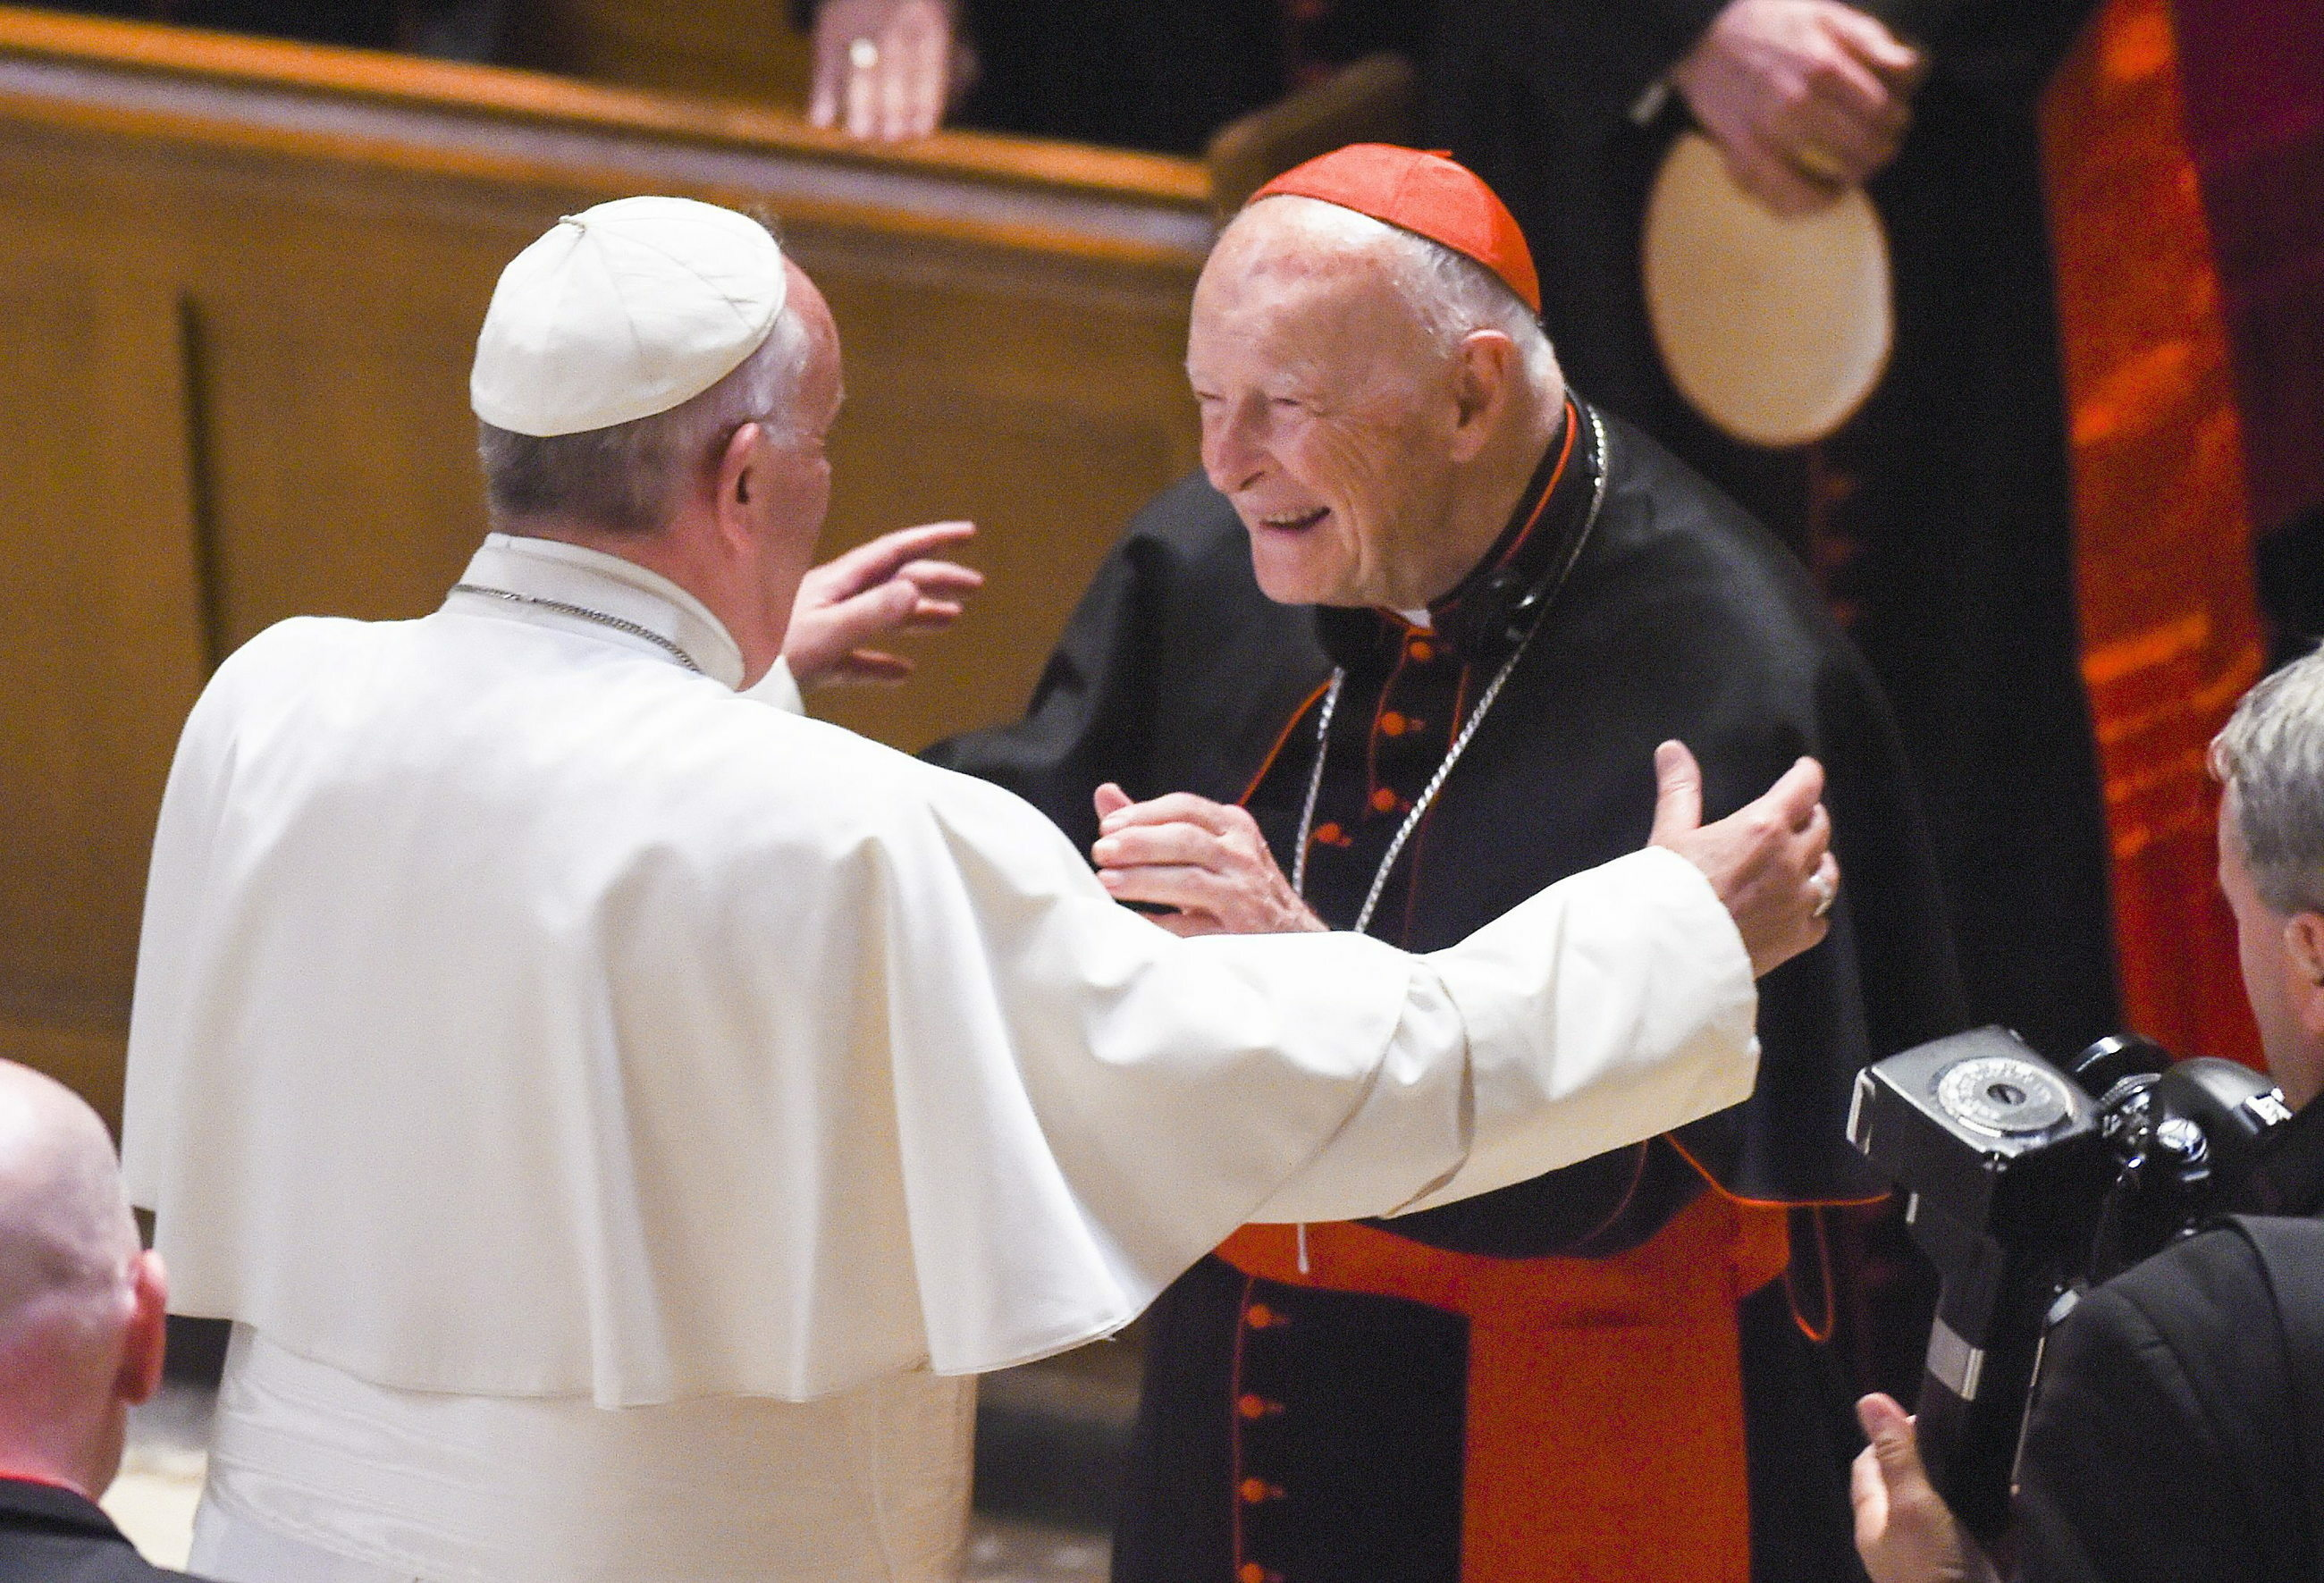 Wrzesień 2015 rok. Papież Franciszek i kardynał Theodore McCarrick podczas spotkania w Waszyngtonie.